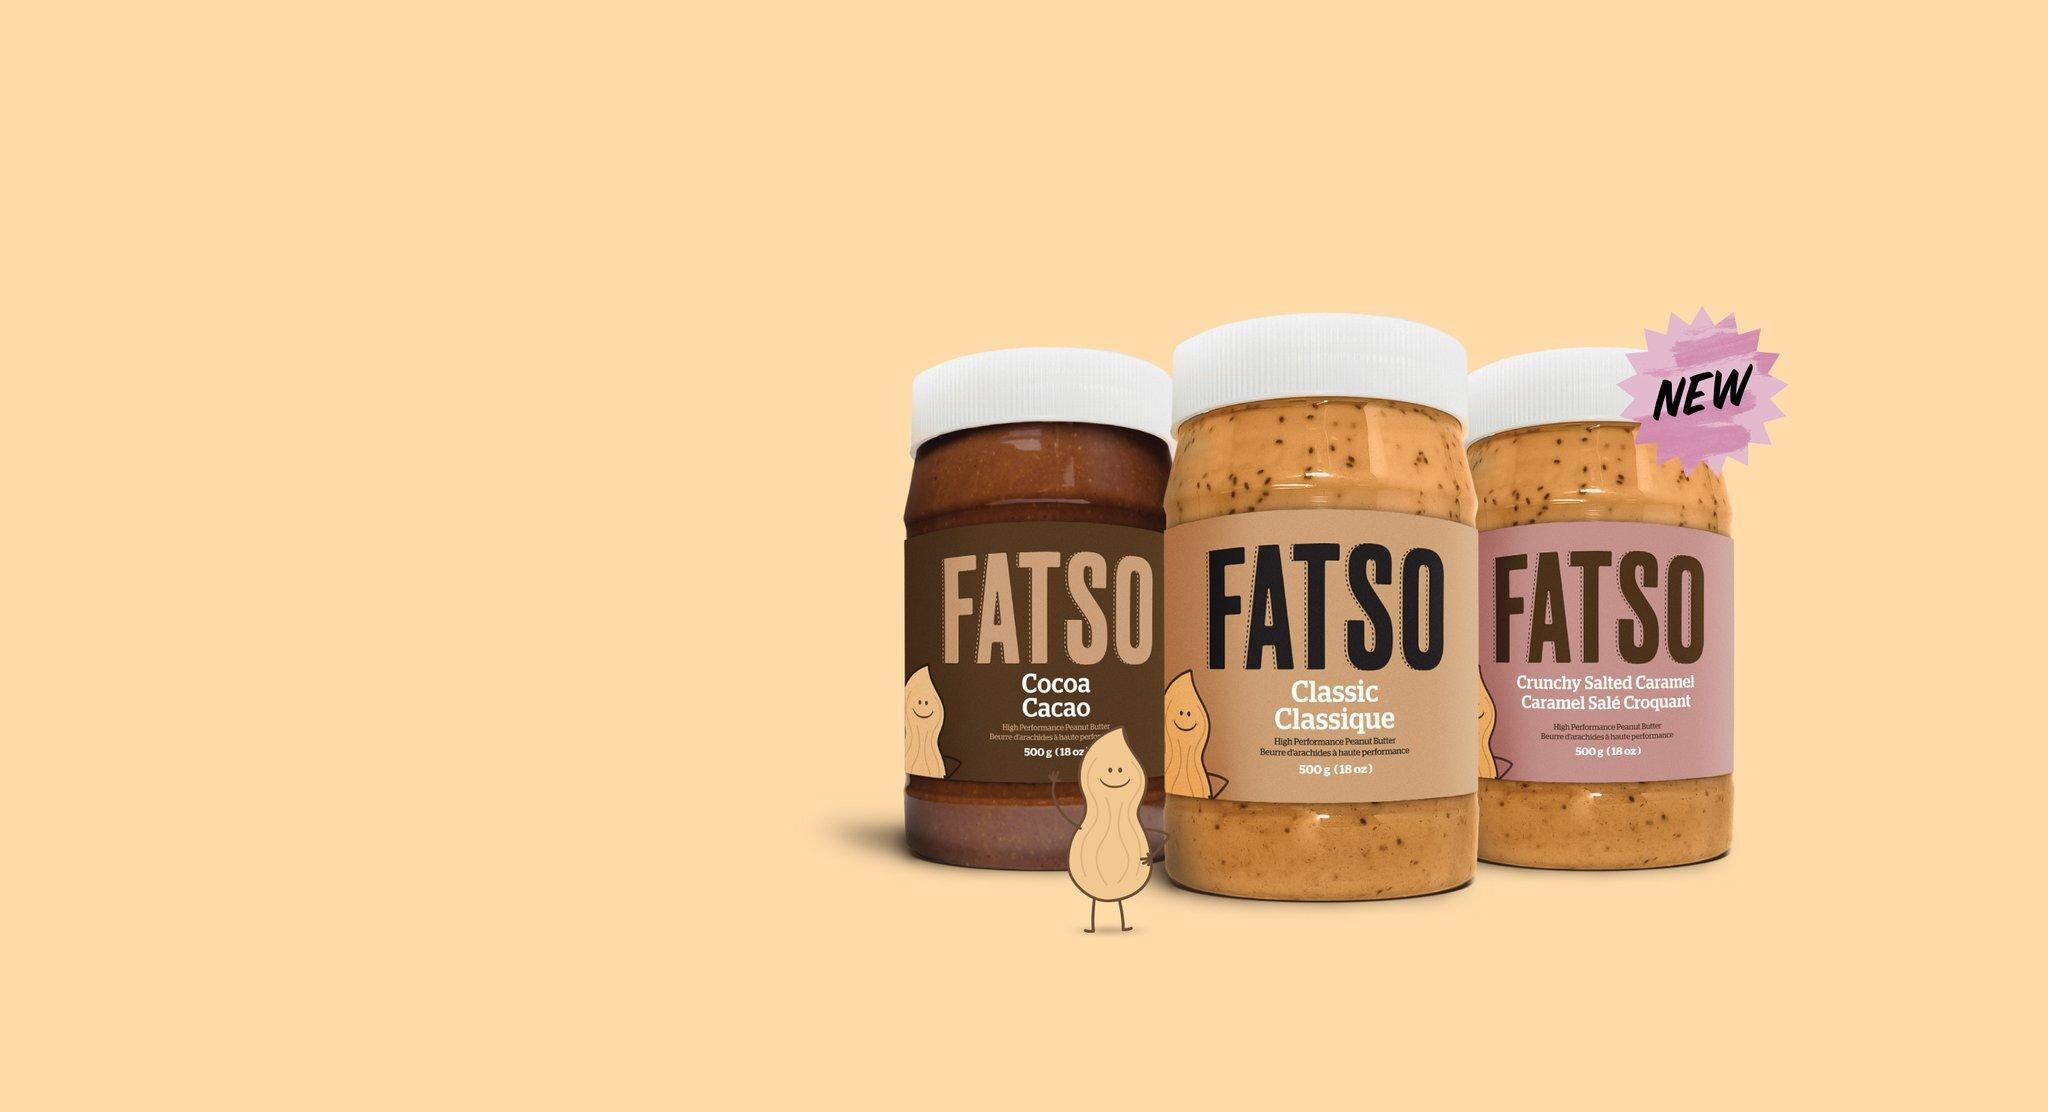 fatso peanut butters.jpg